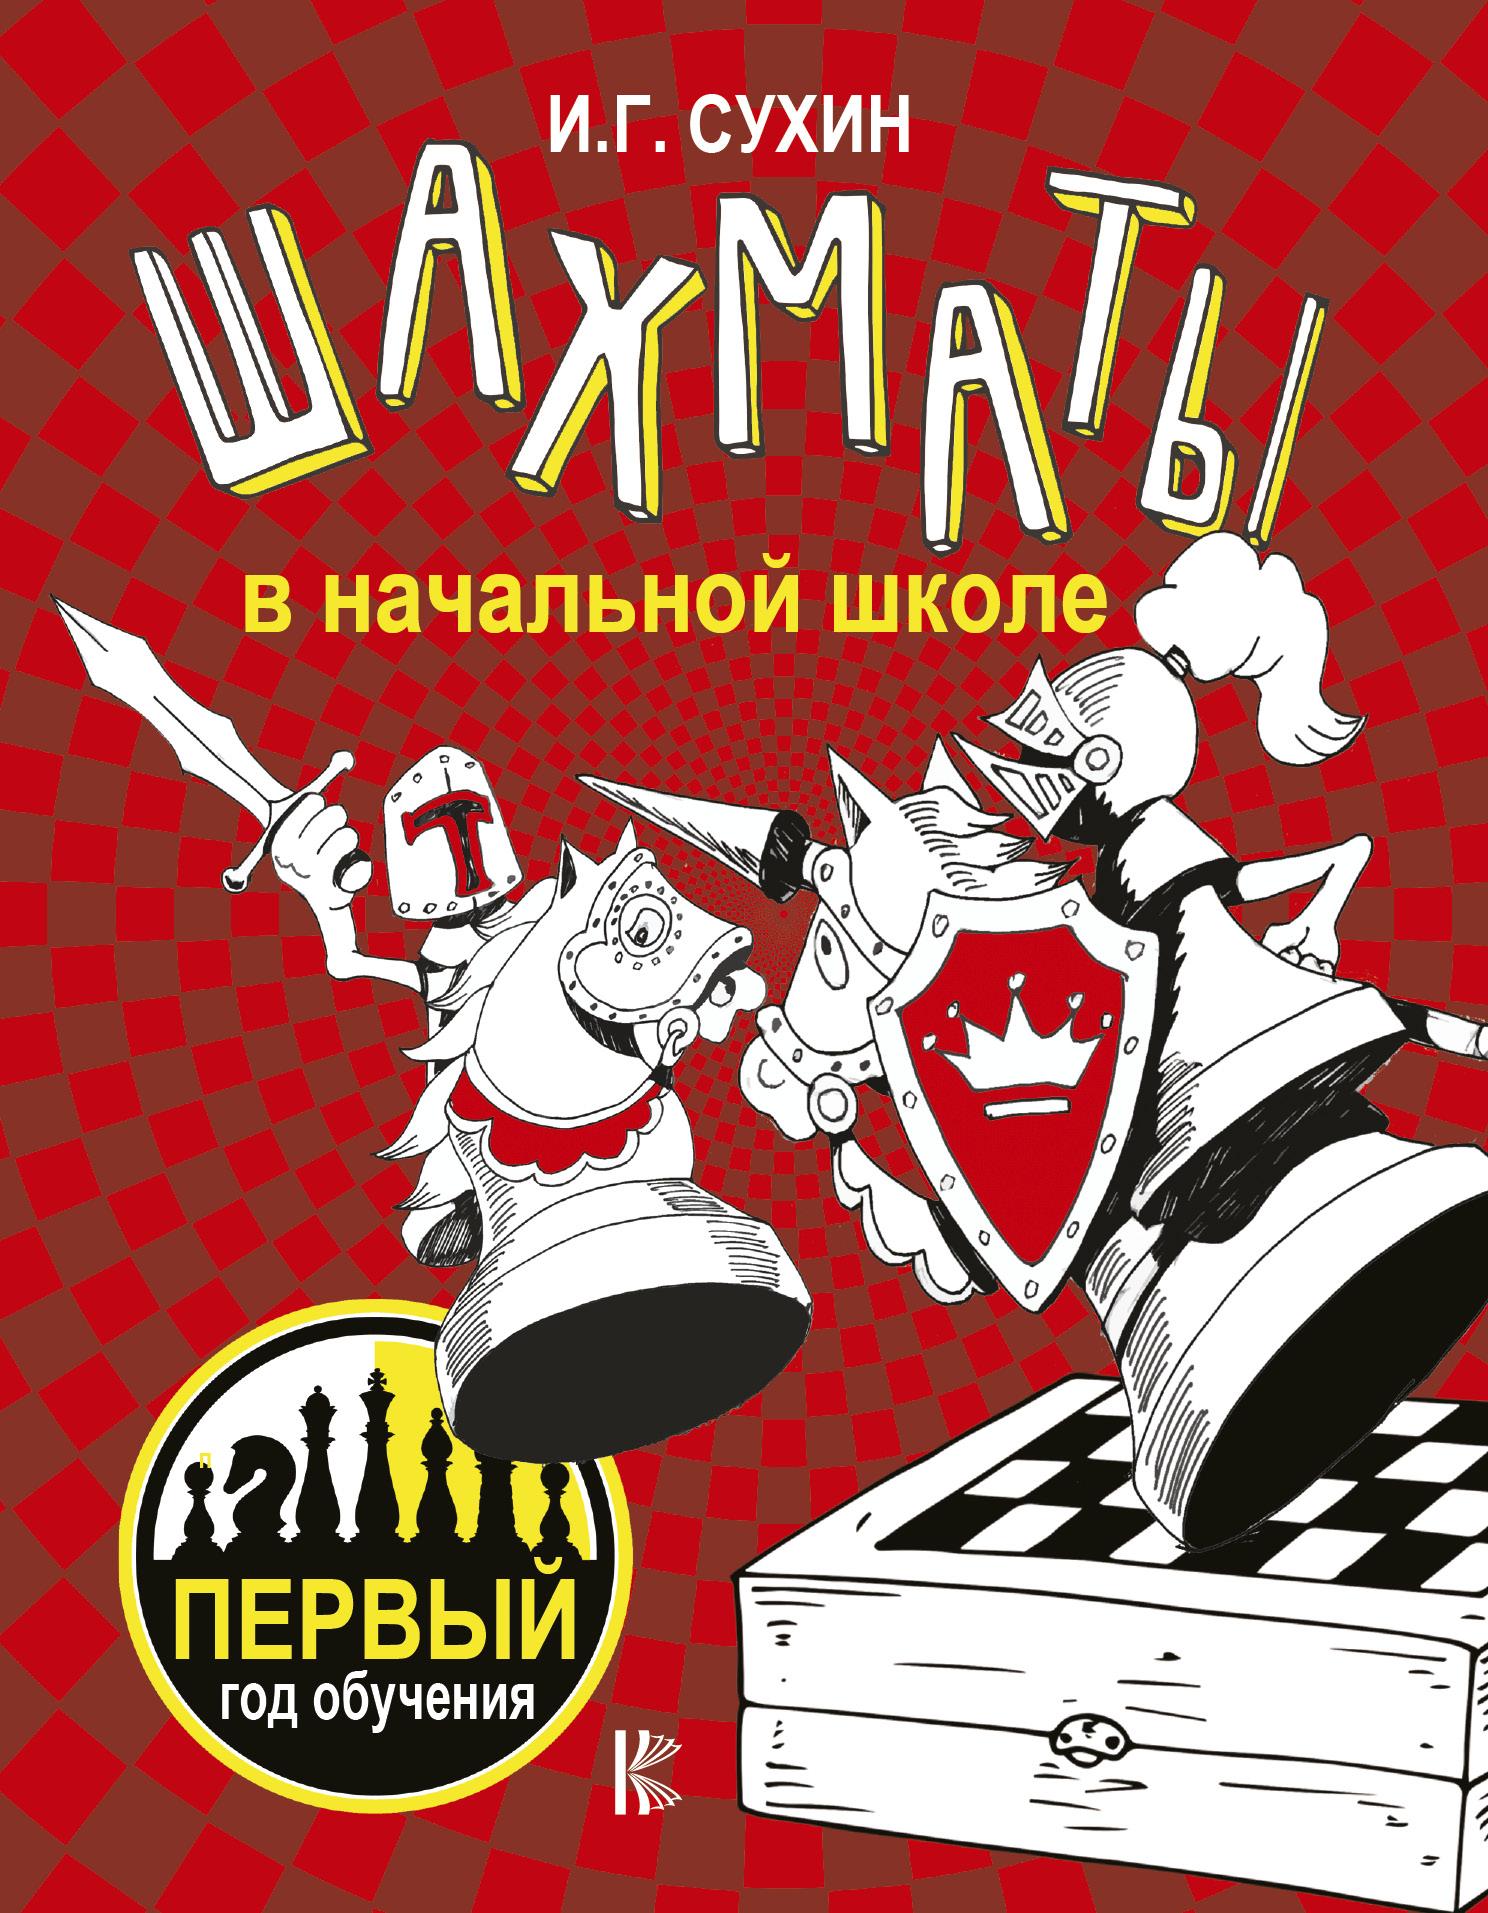 Игорь Сухин Шахматы в начальной школе. Первый год обучения игорь сухин шахматы в начальной школе второй год обучения